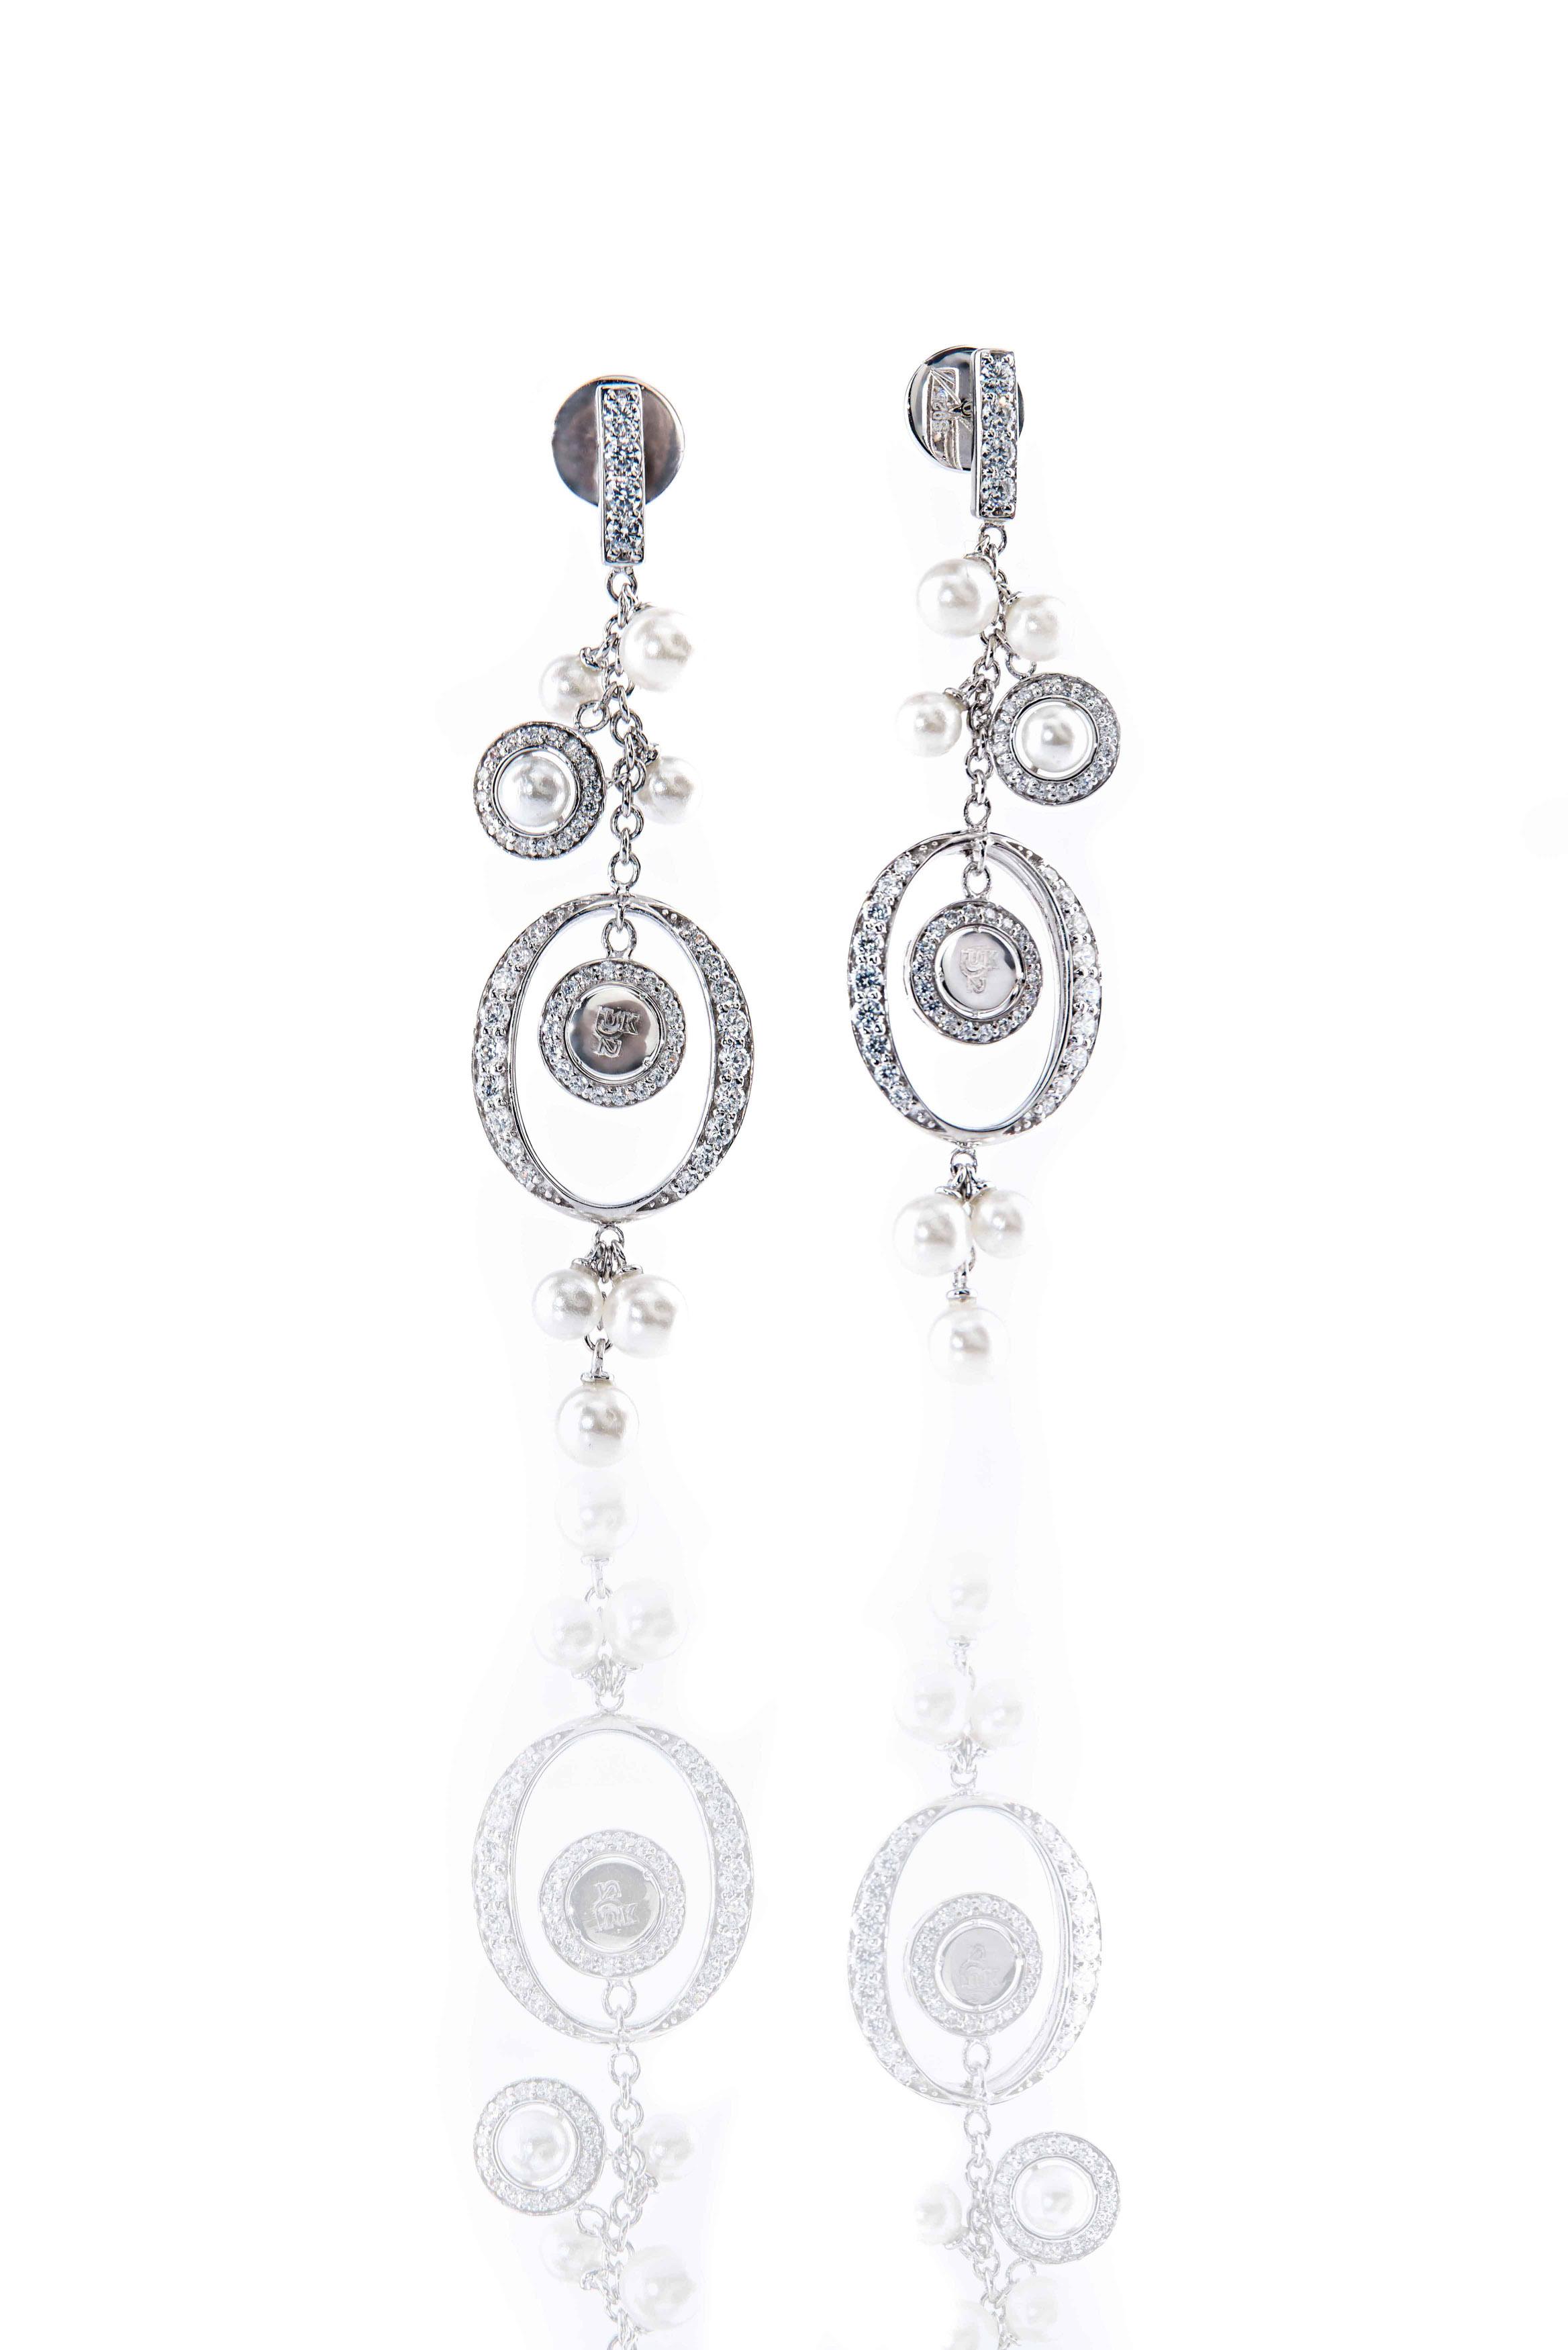 JewelryPhotographyImprint-12.jpg